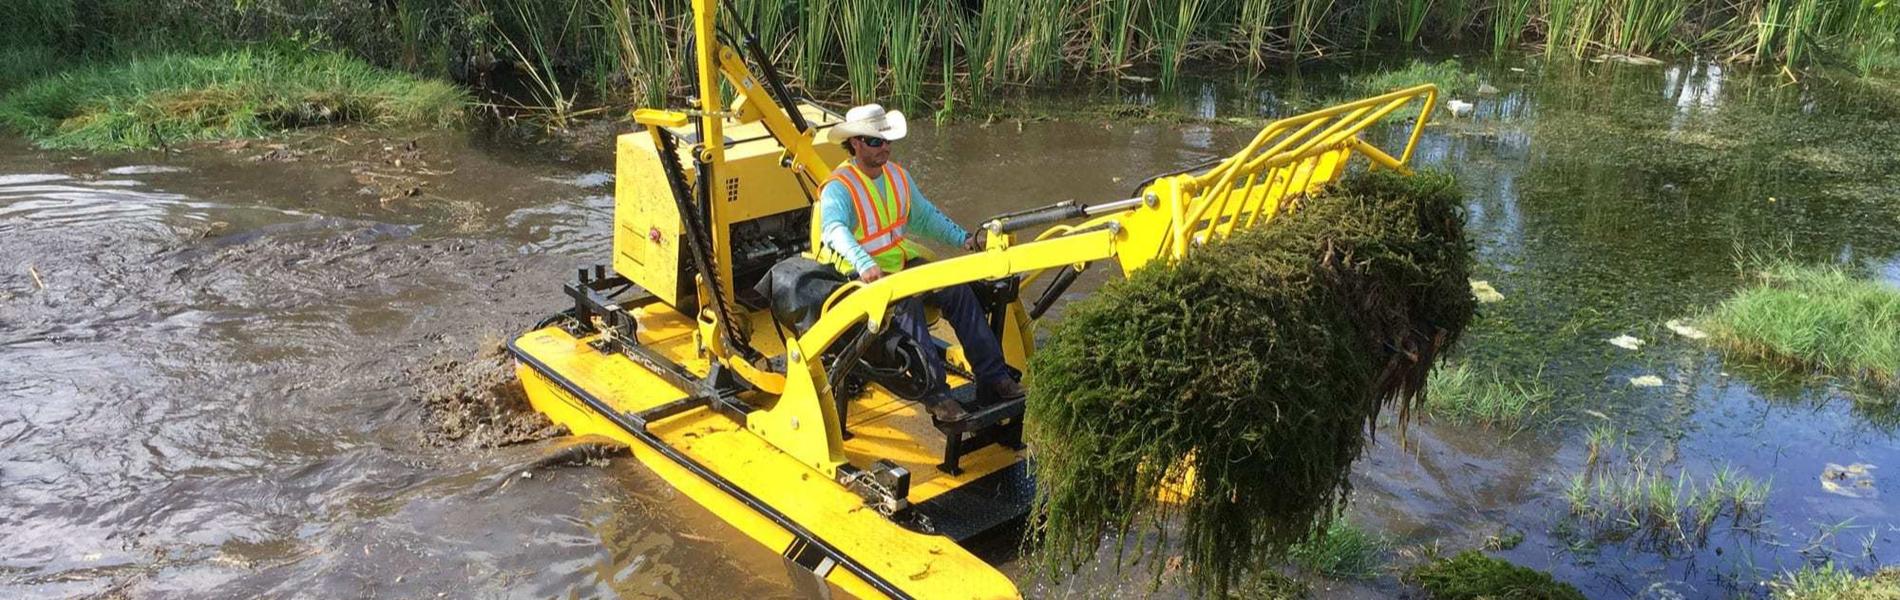 Mechanical Weed Removal - Weedoo Boats